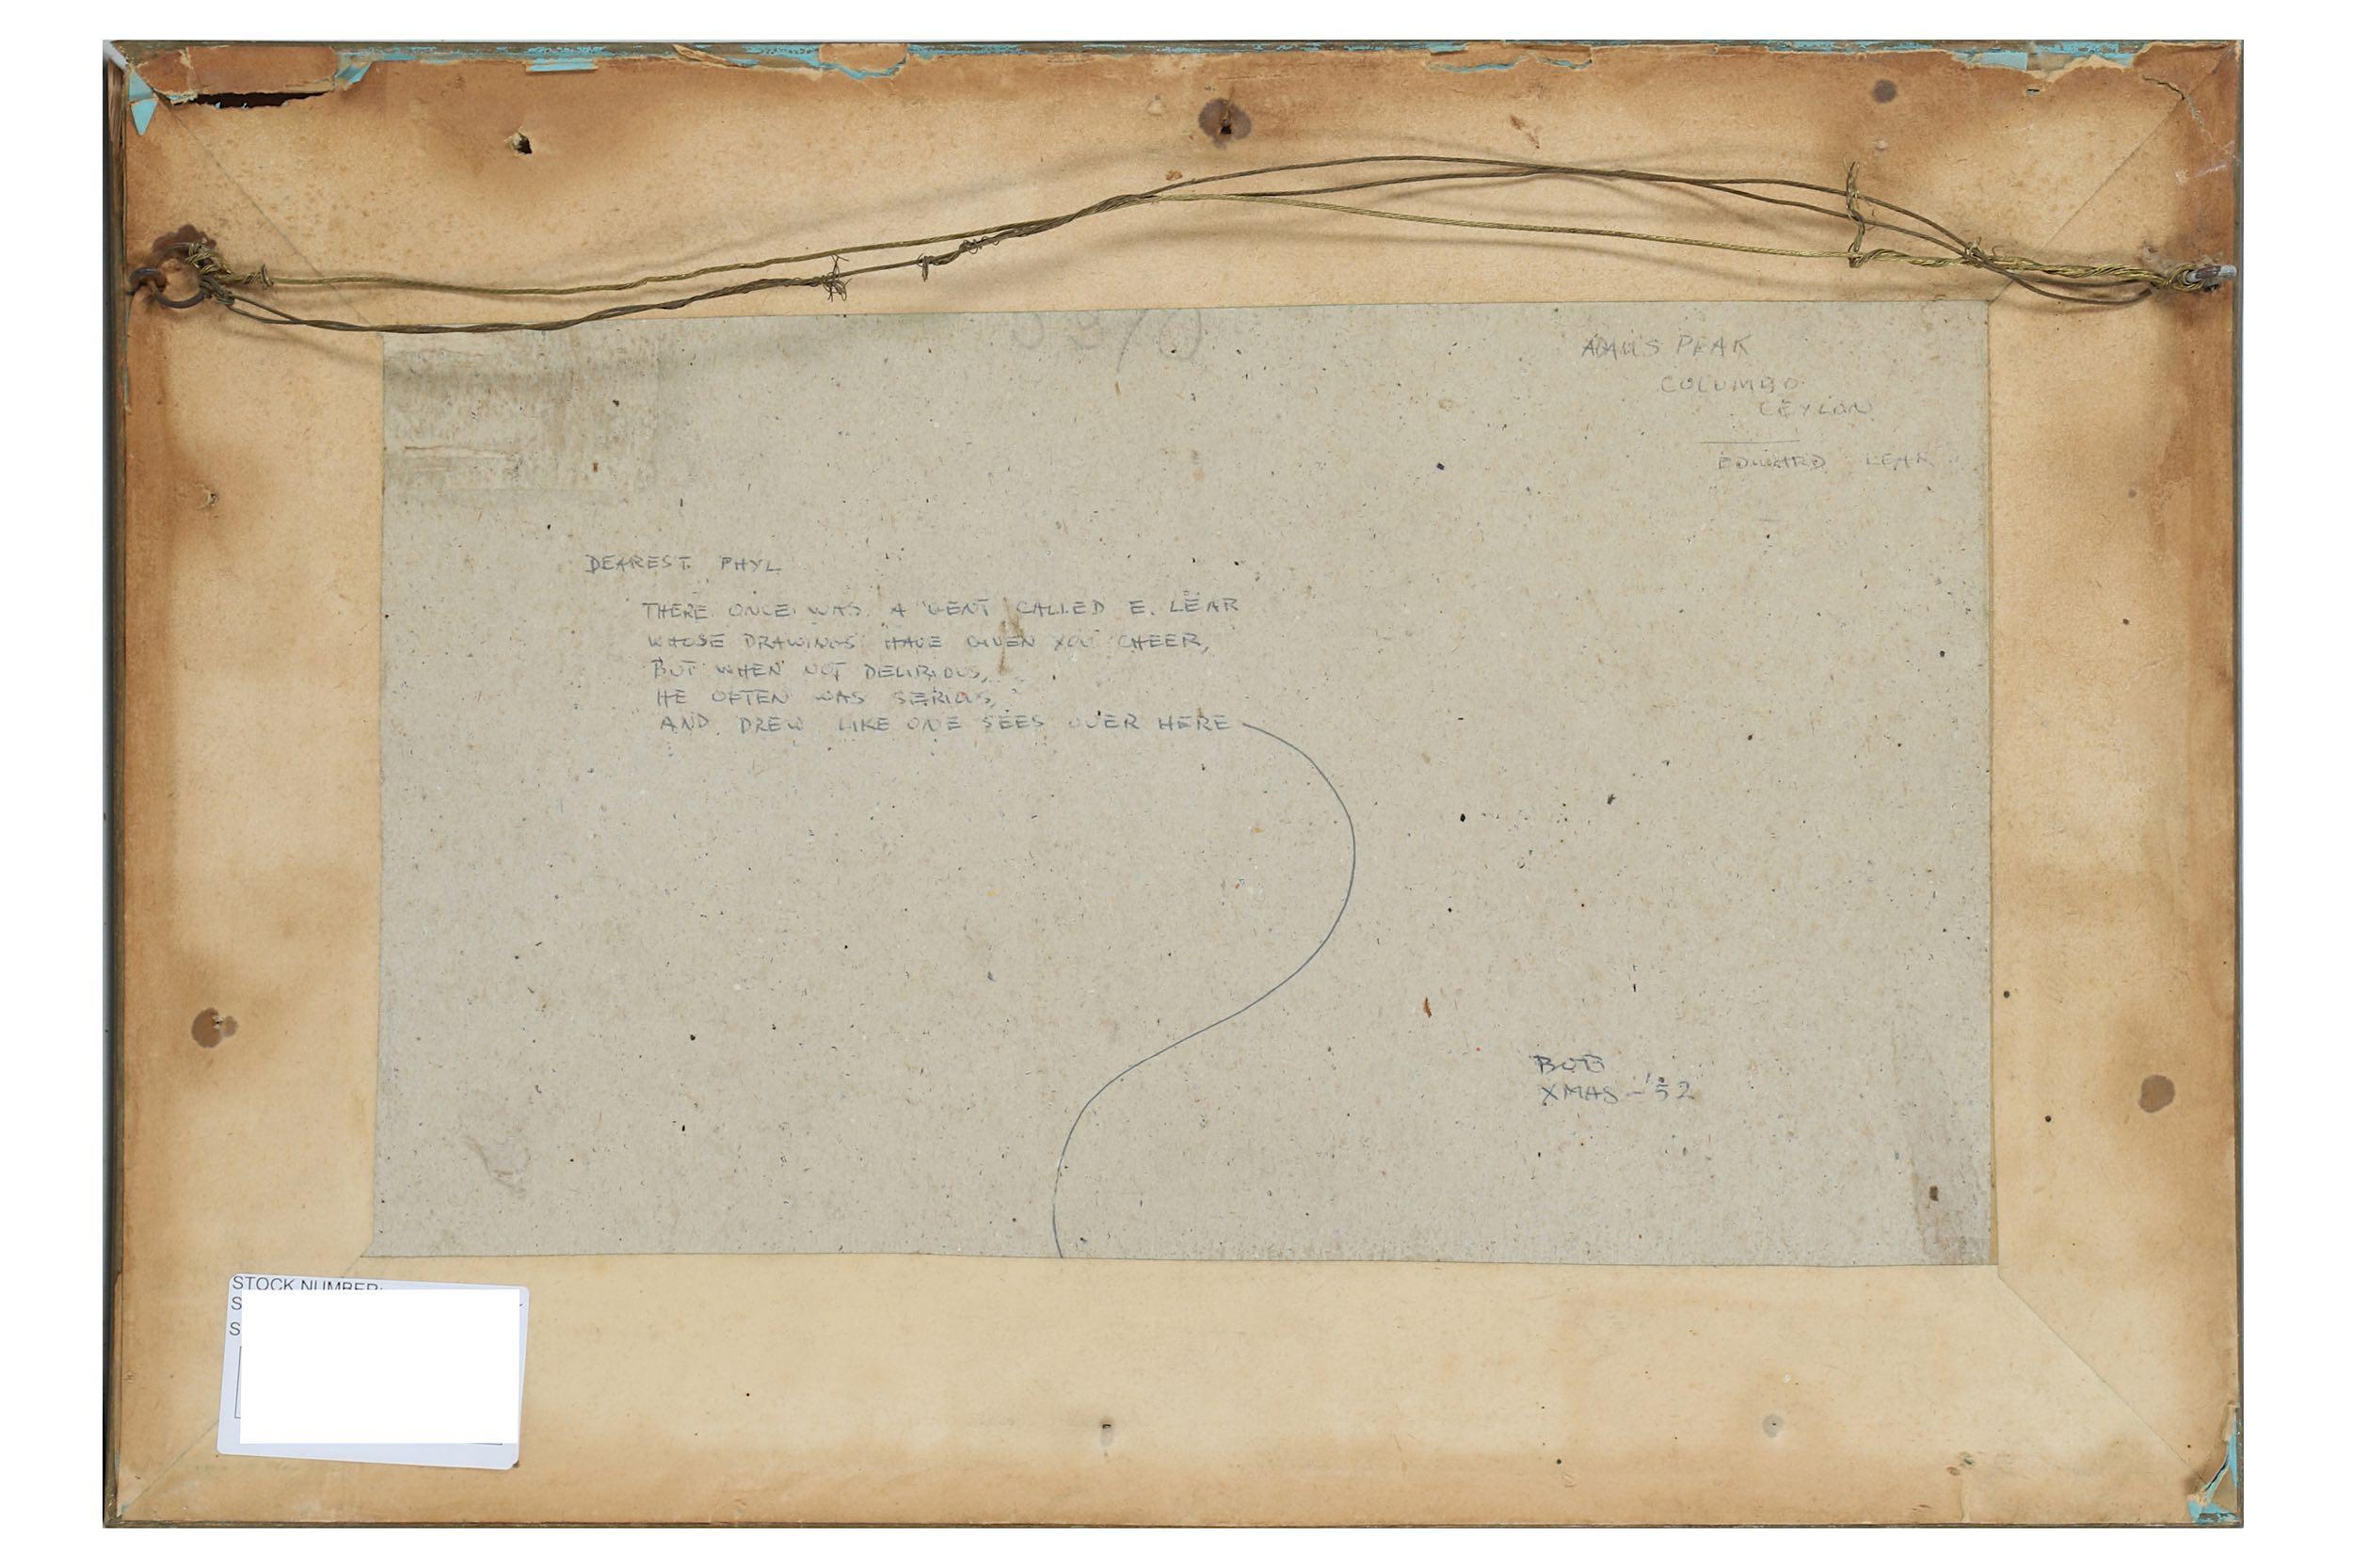 EDWARD LEAR (BRITISH 1812 - 1888) - Image 2 of 5